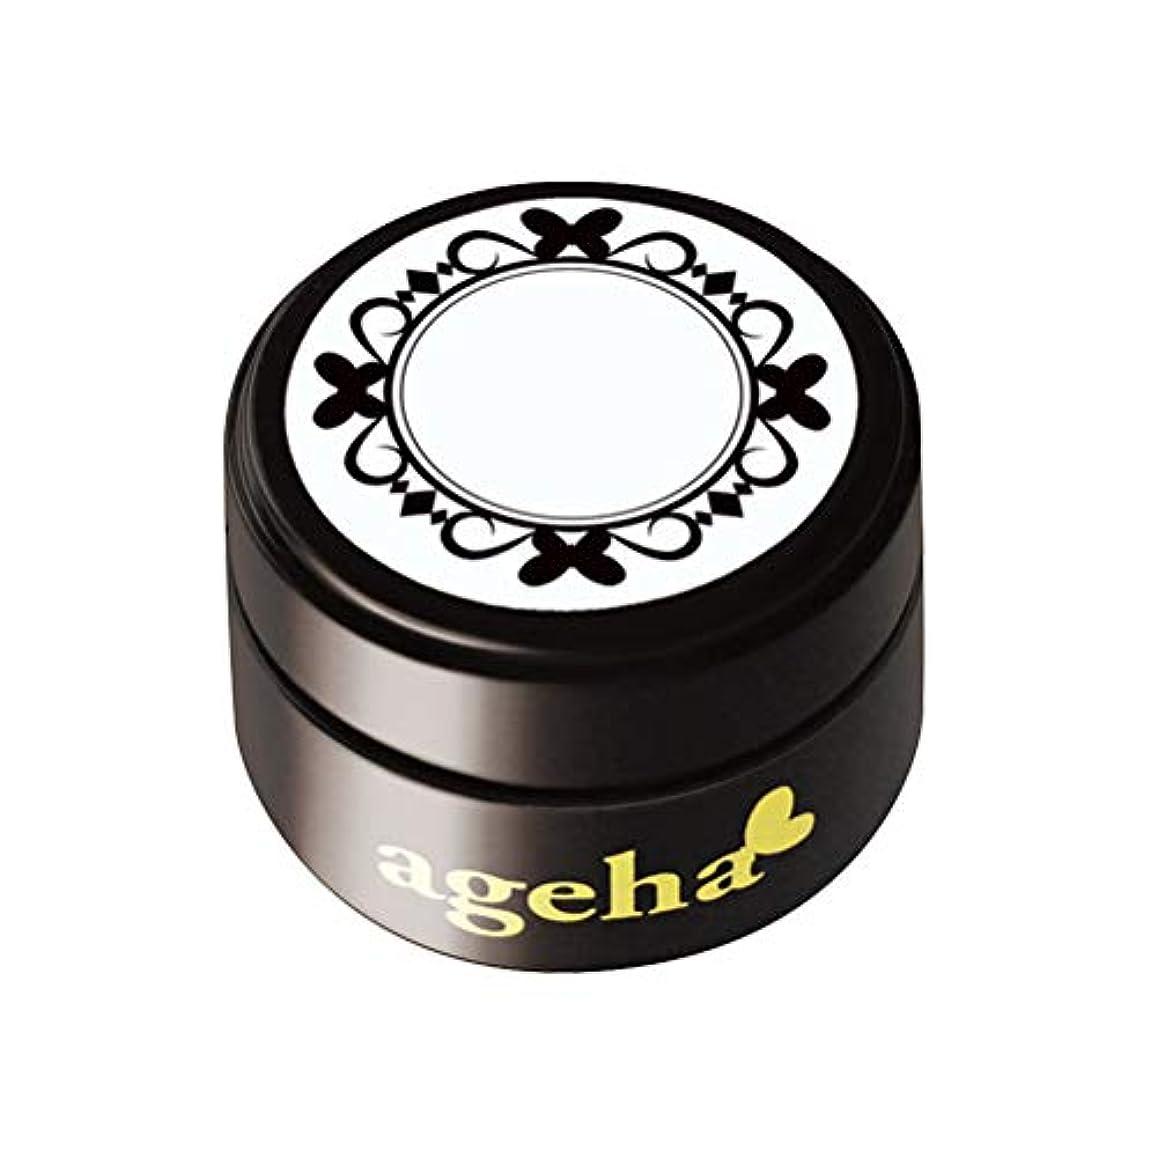 仮装北西まどろみのあるageha コスメカラー 417 ラグジュエル ミア グリッター 2.7g UV/LED対応